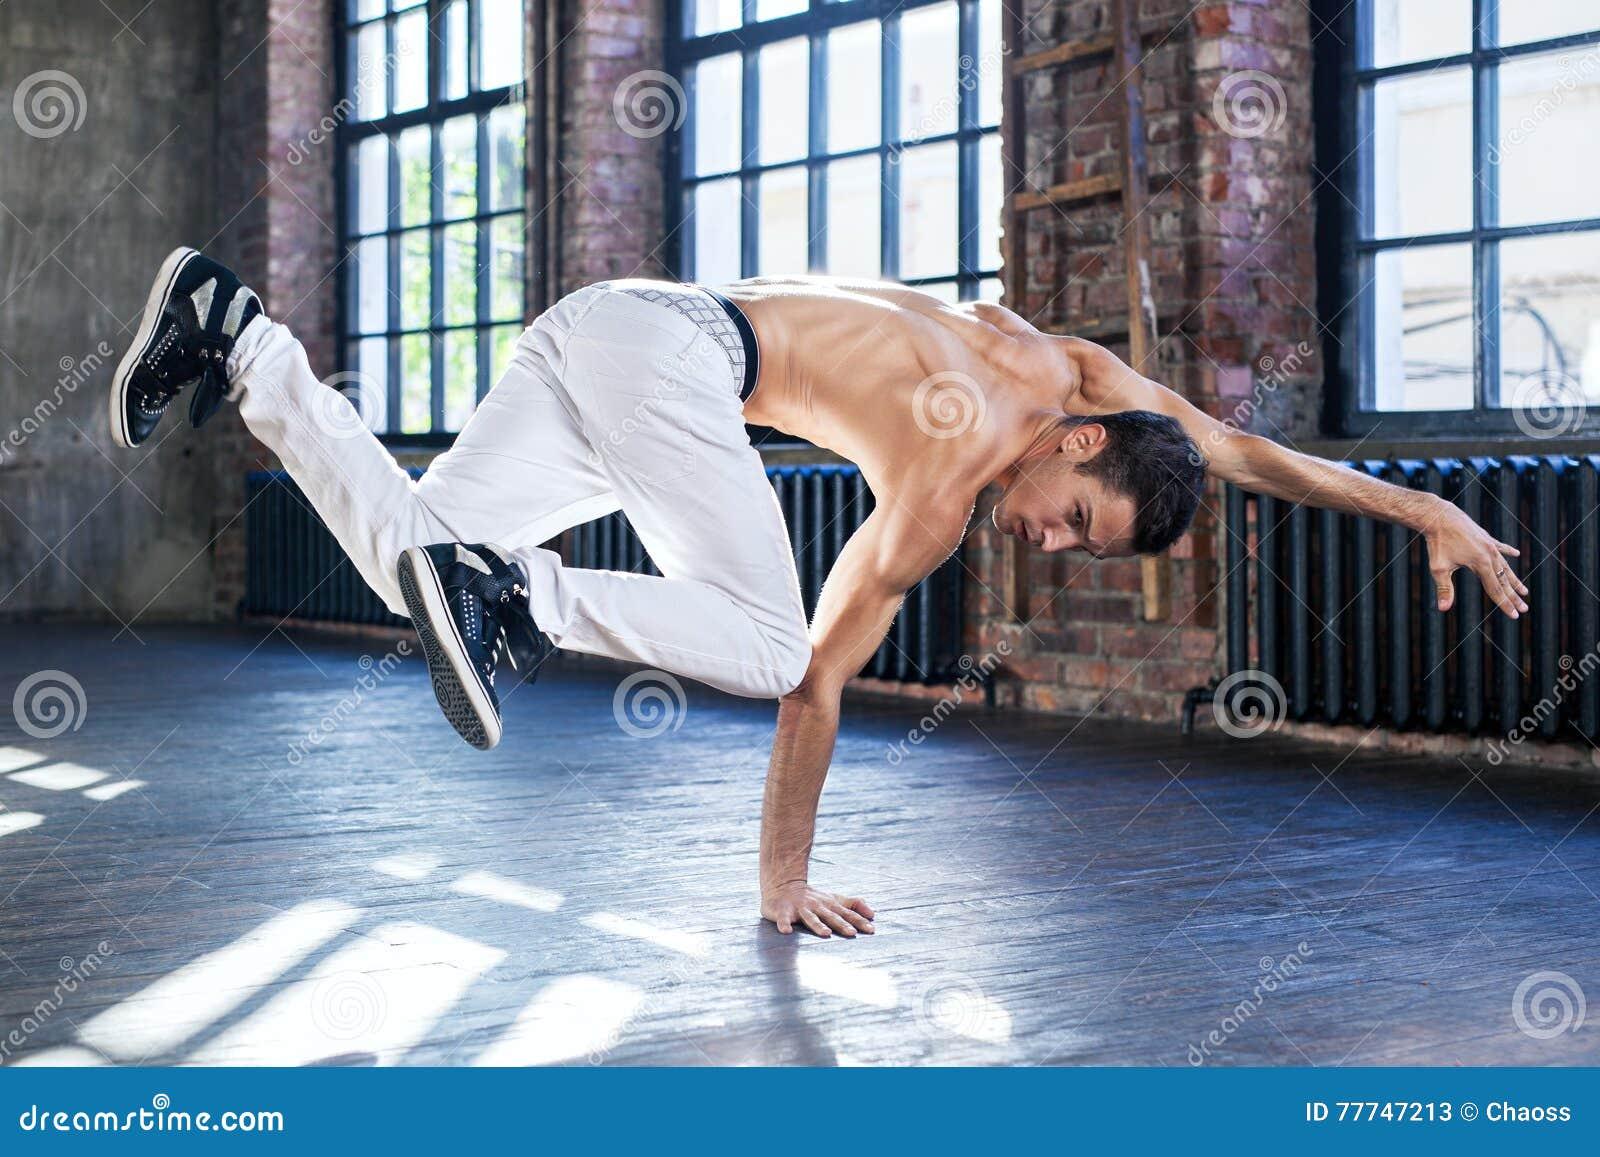 Baile de rotura del hombre joven